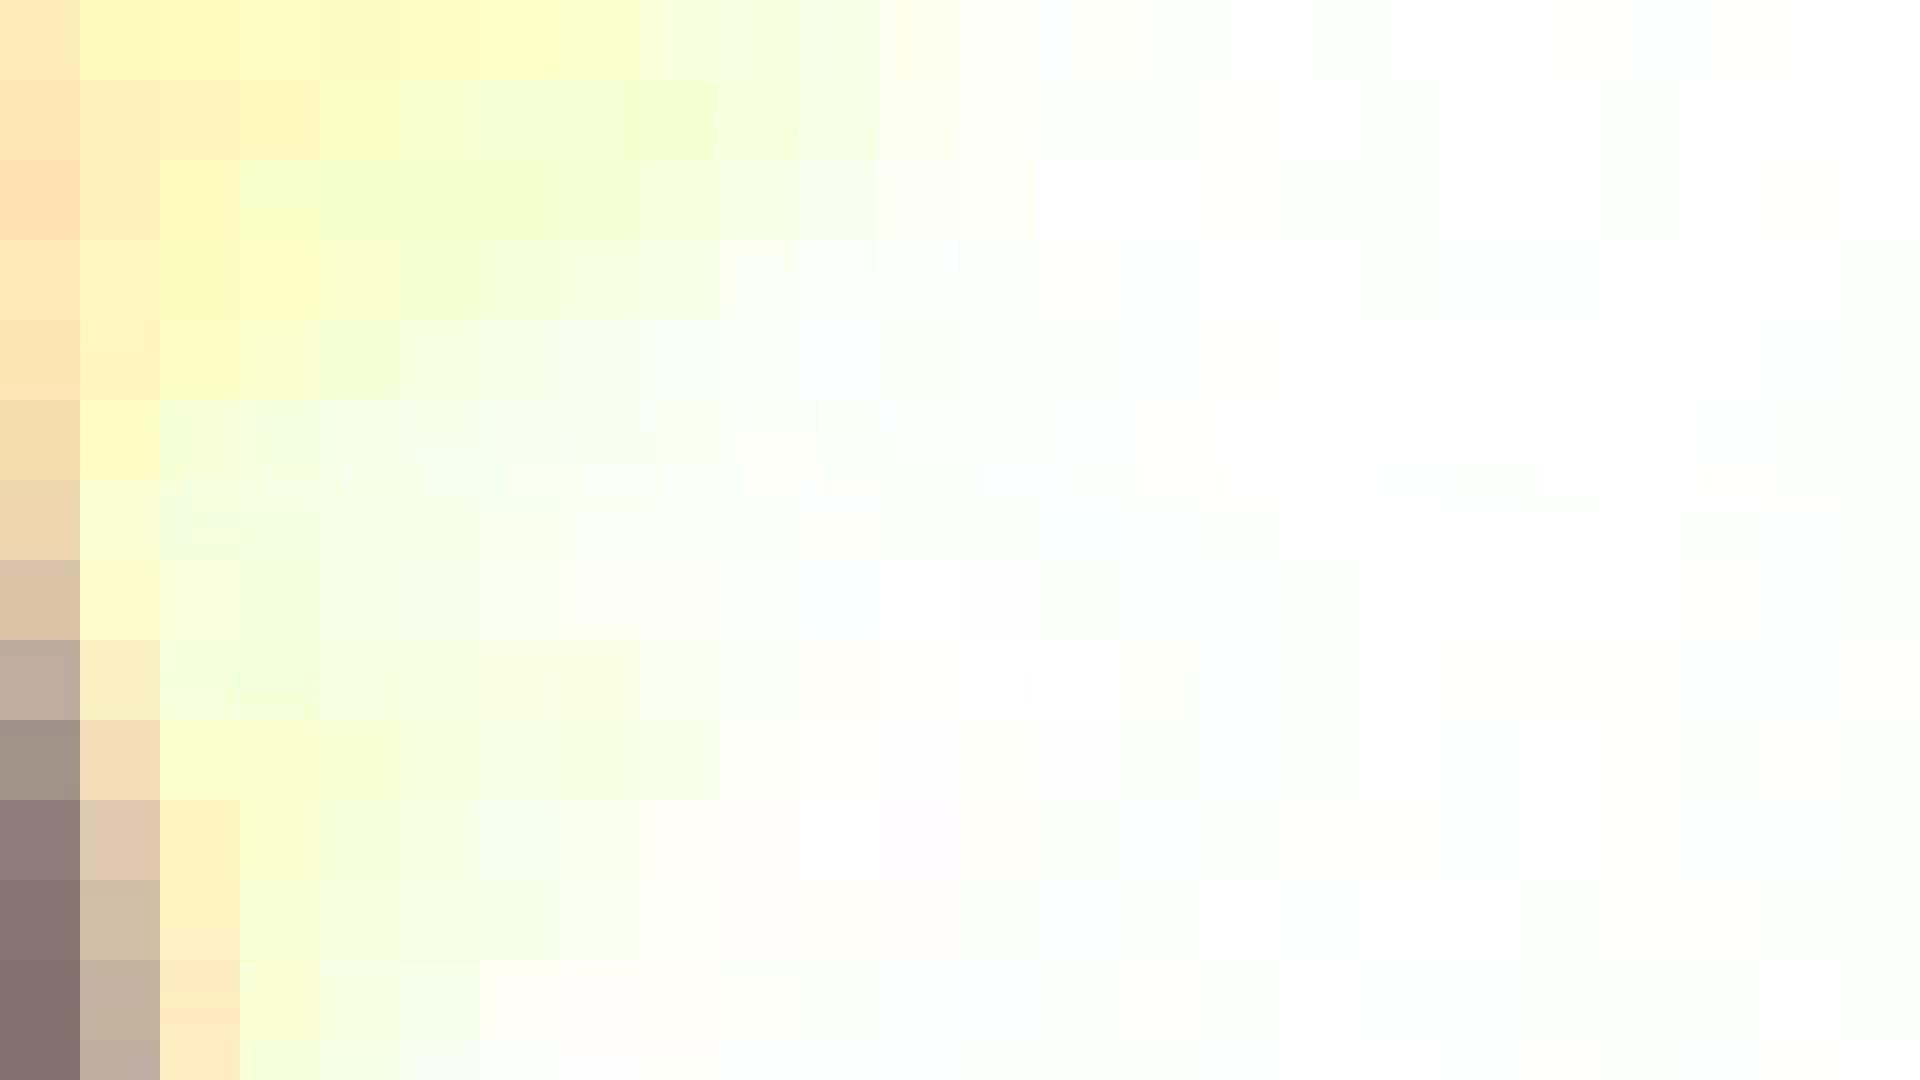 阿国ちゃんの「和式洋式七変化」No.18 iBO(フタコブ) 洗面所着替え   和式  83連発 30